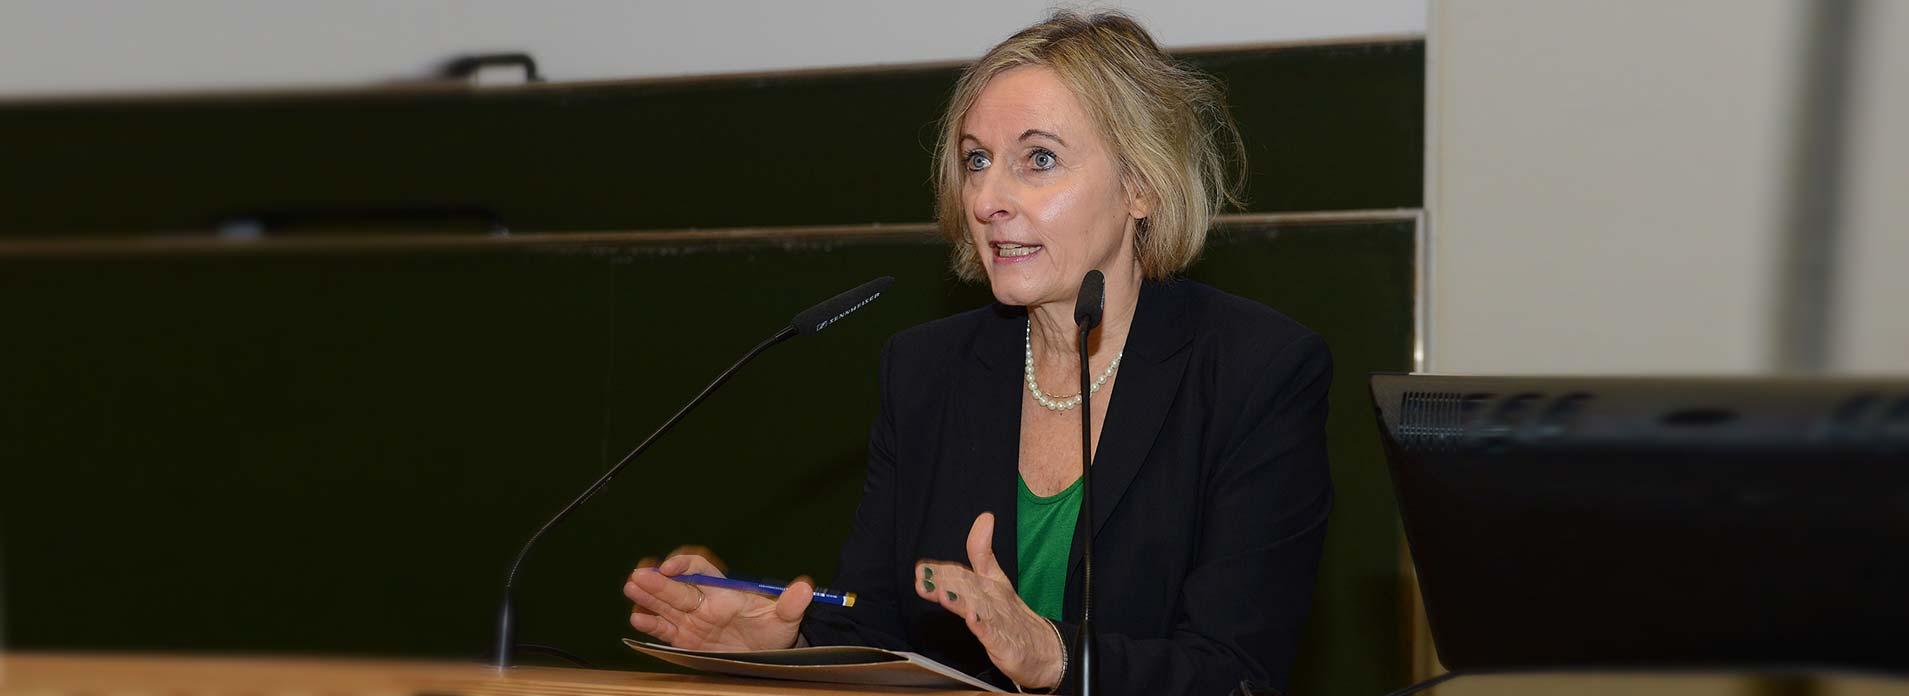 Christiane Bender